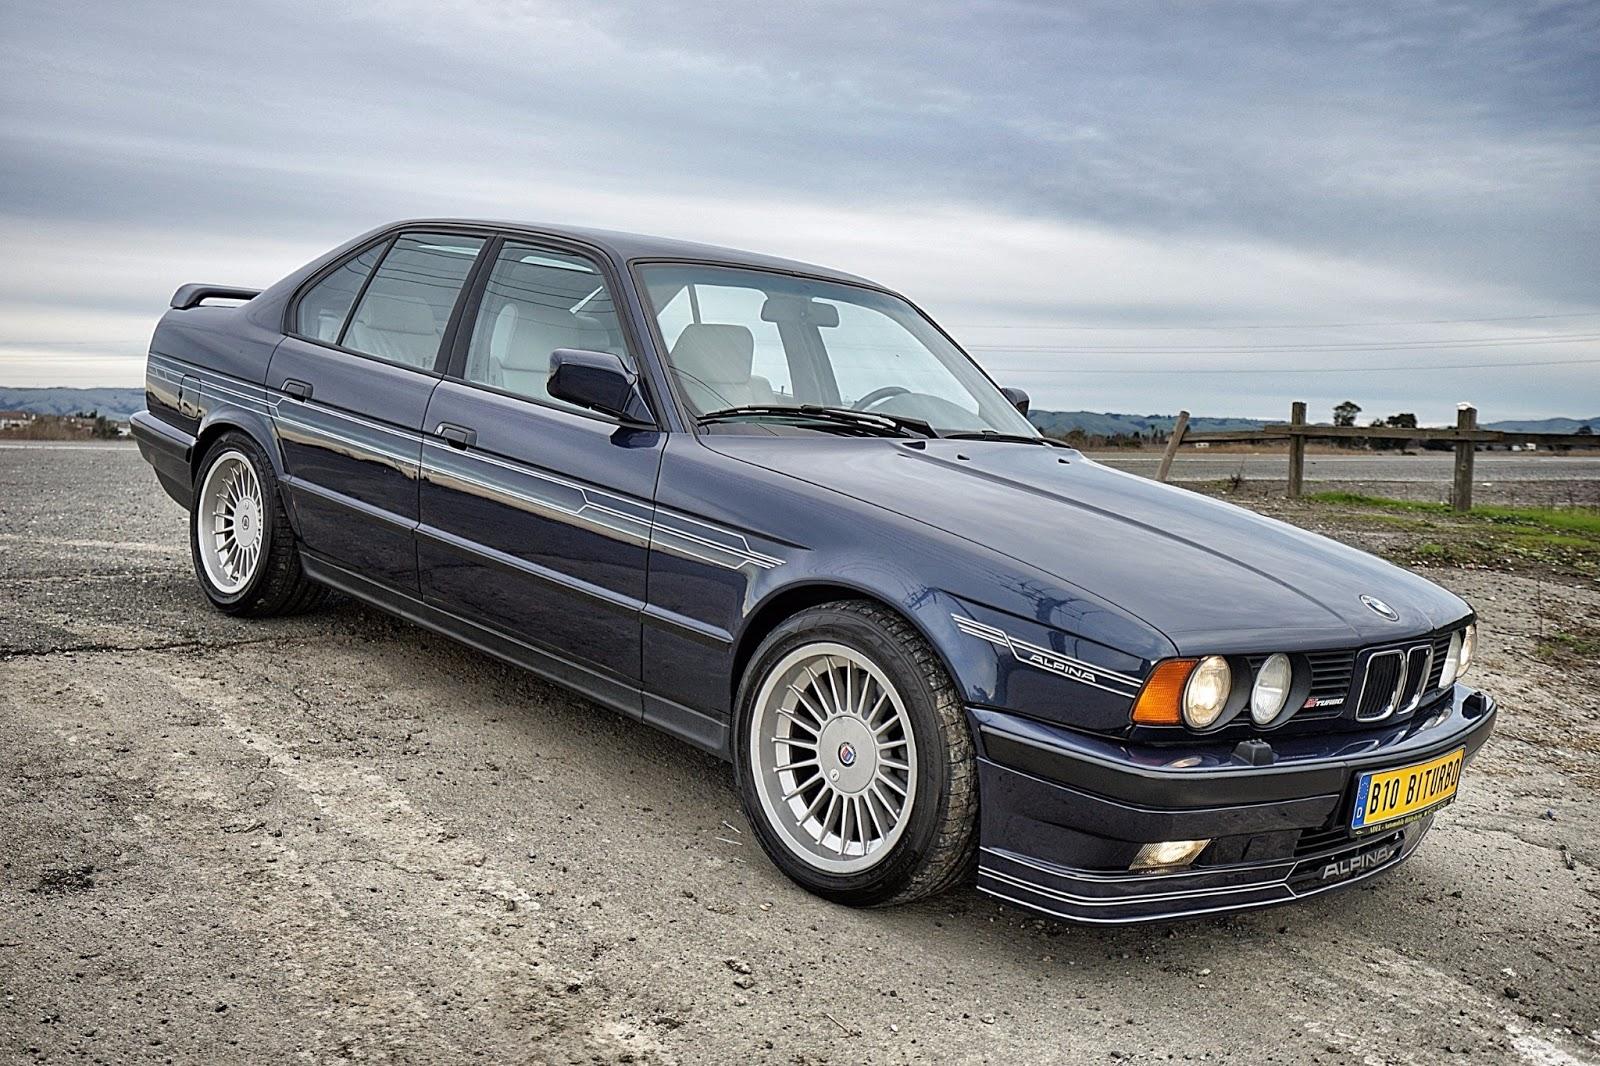 1990_B10_Bi-Turbo_26